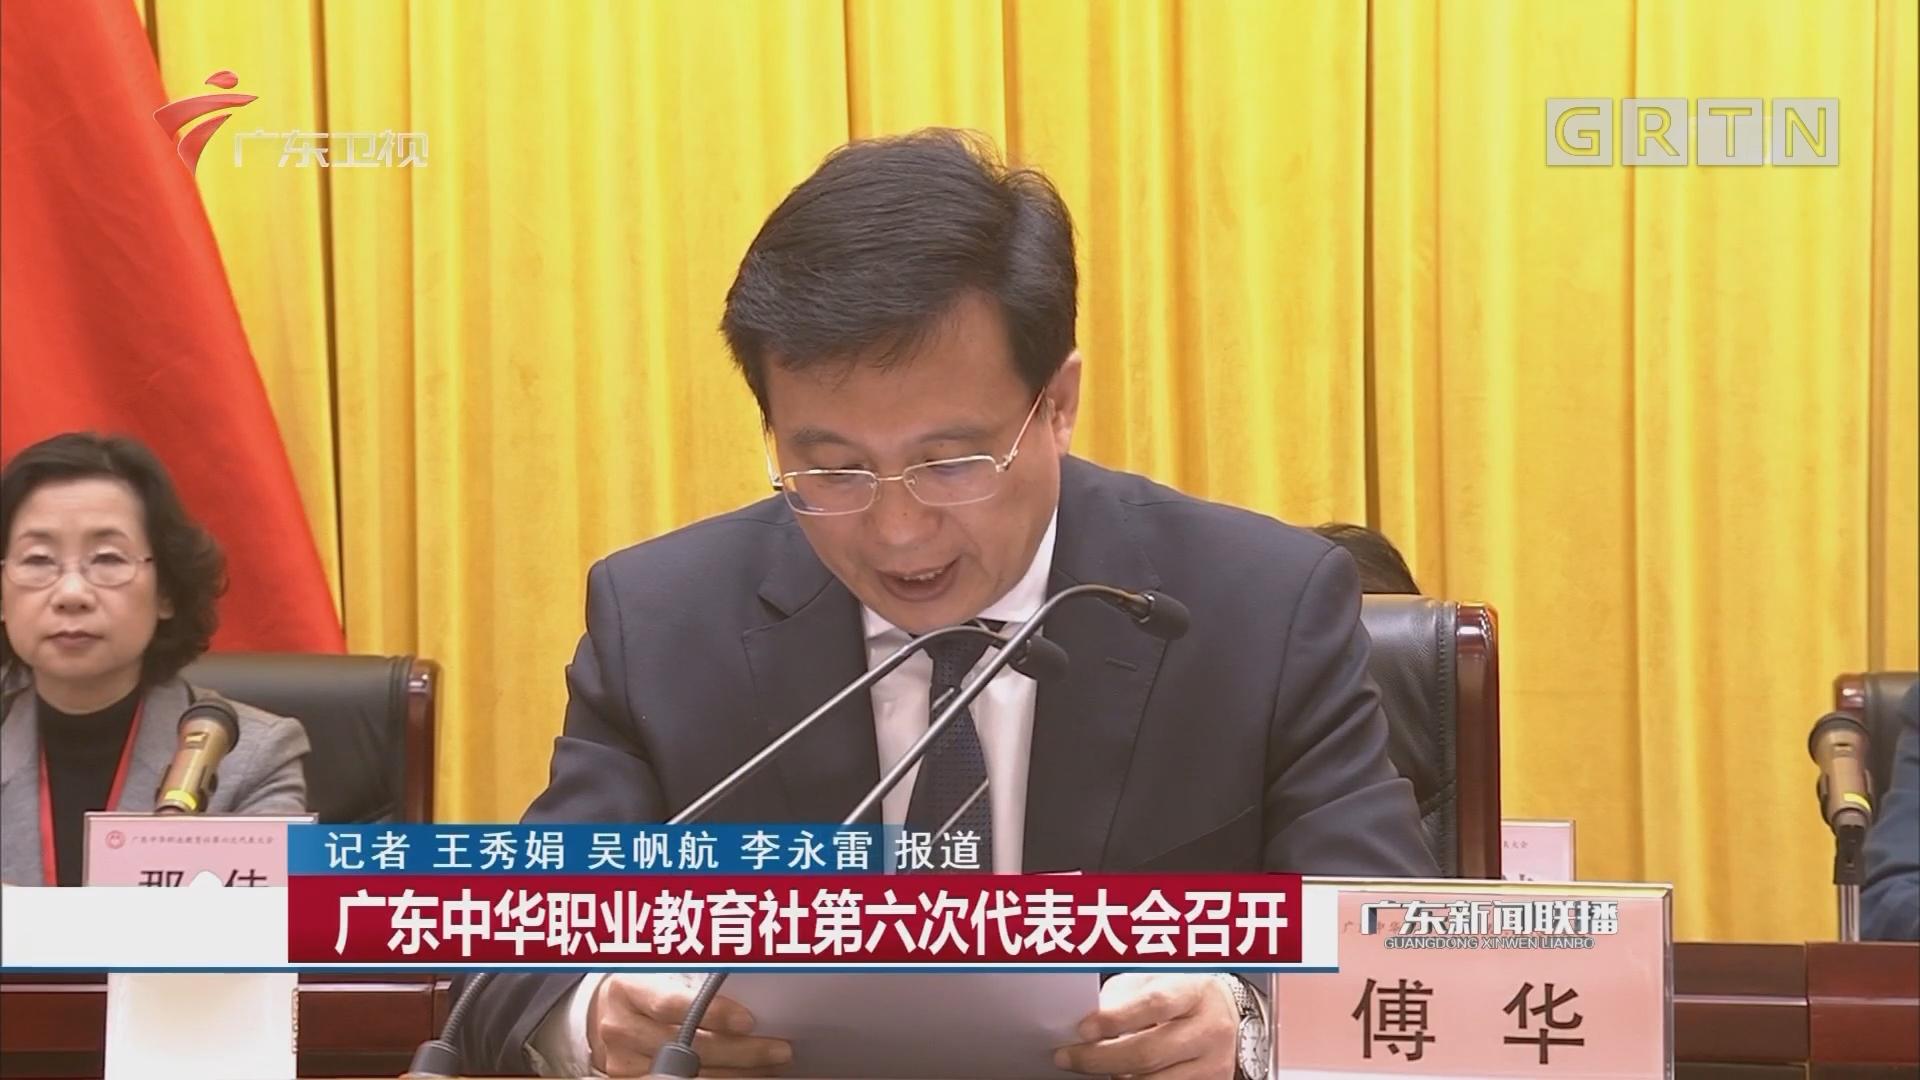 广东中华职业教育社第六次代表大会召开